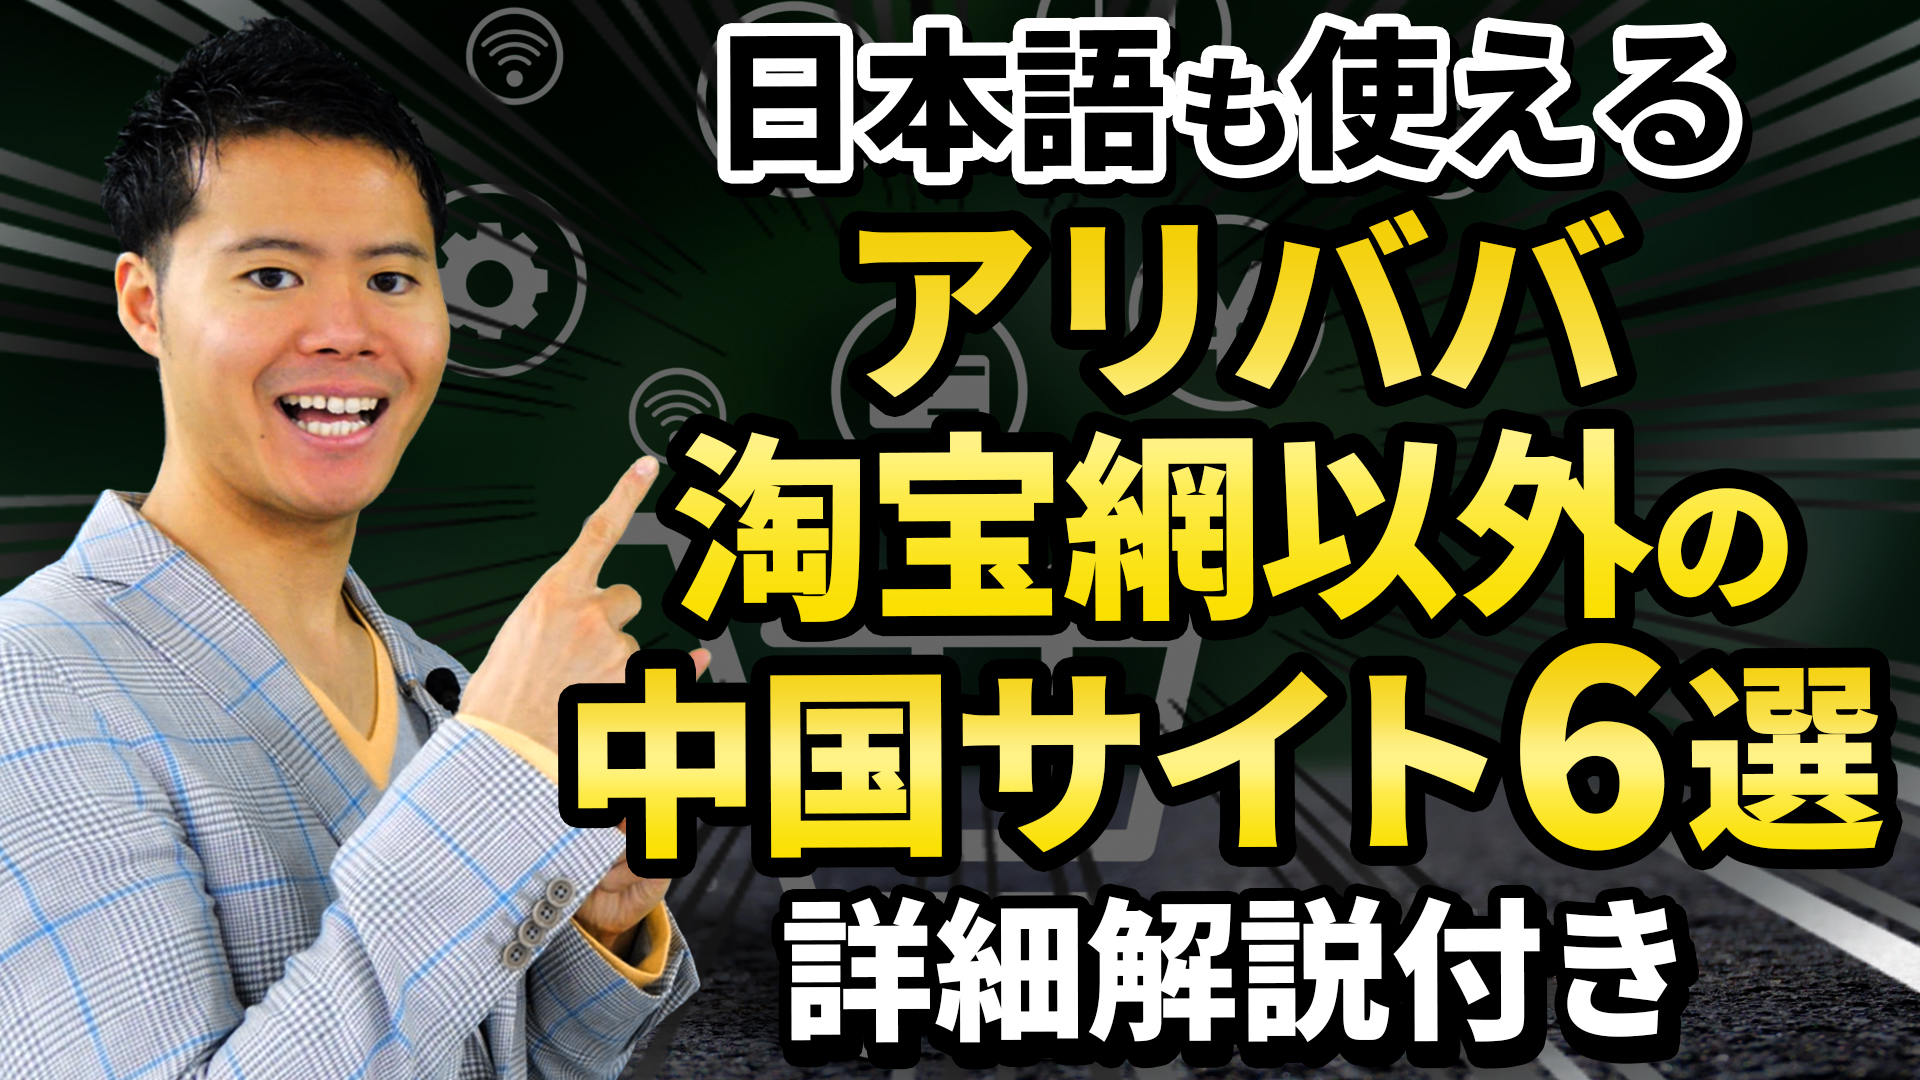 日本語で仕入れができる!アリババ淘宝網以外の中国サイト6選